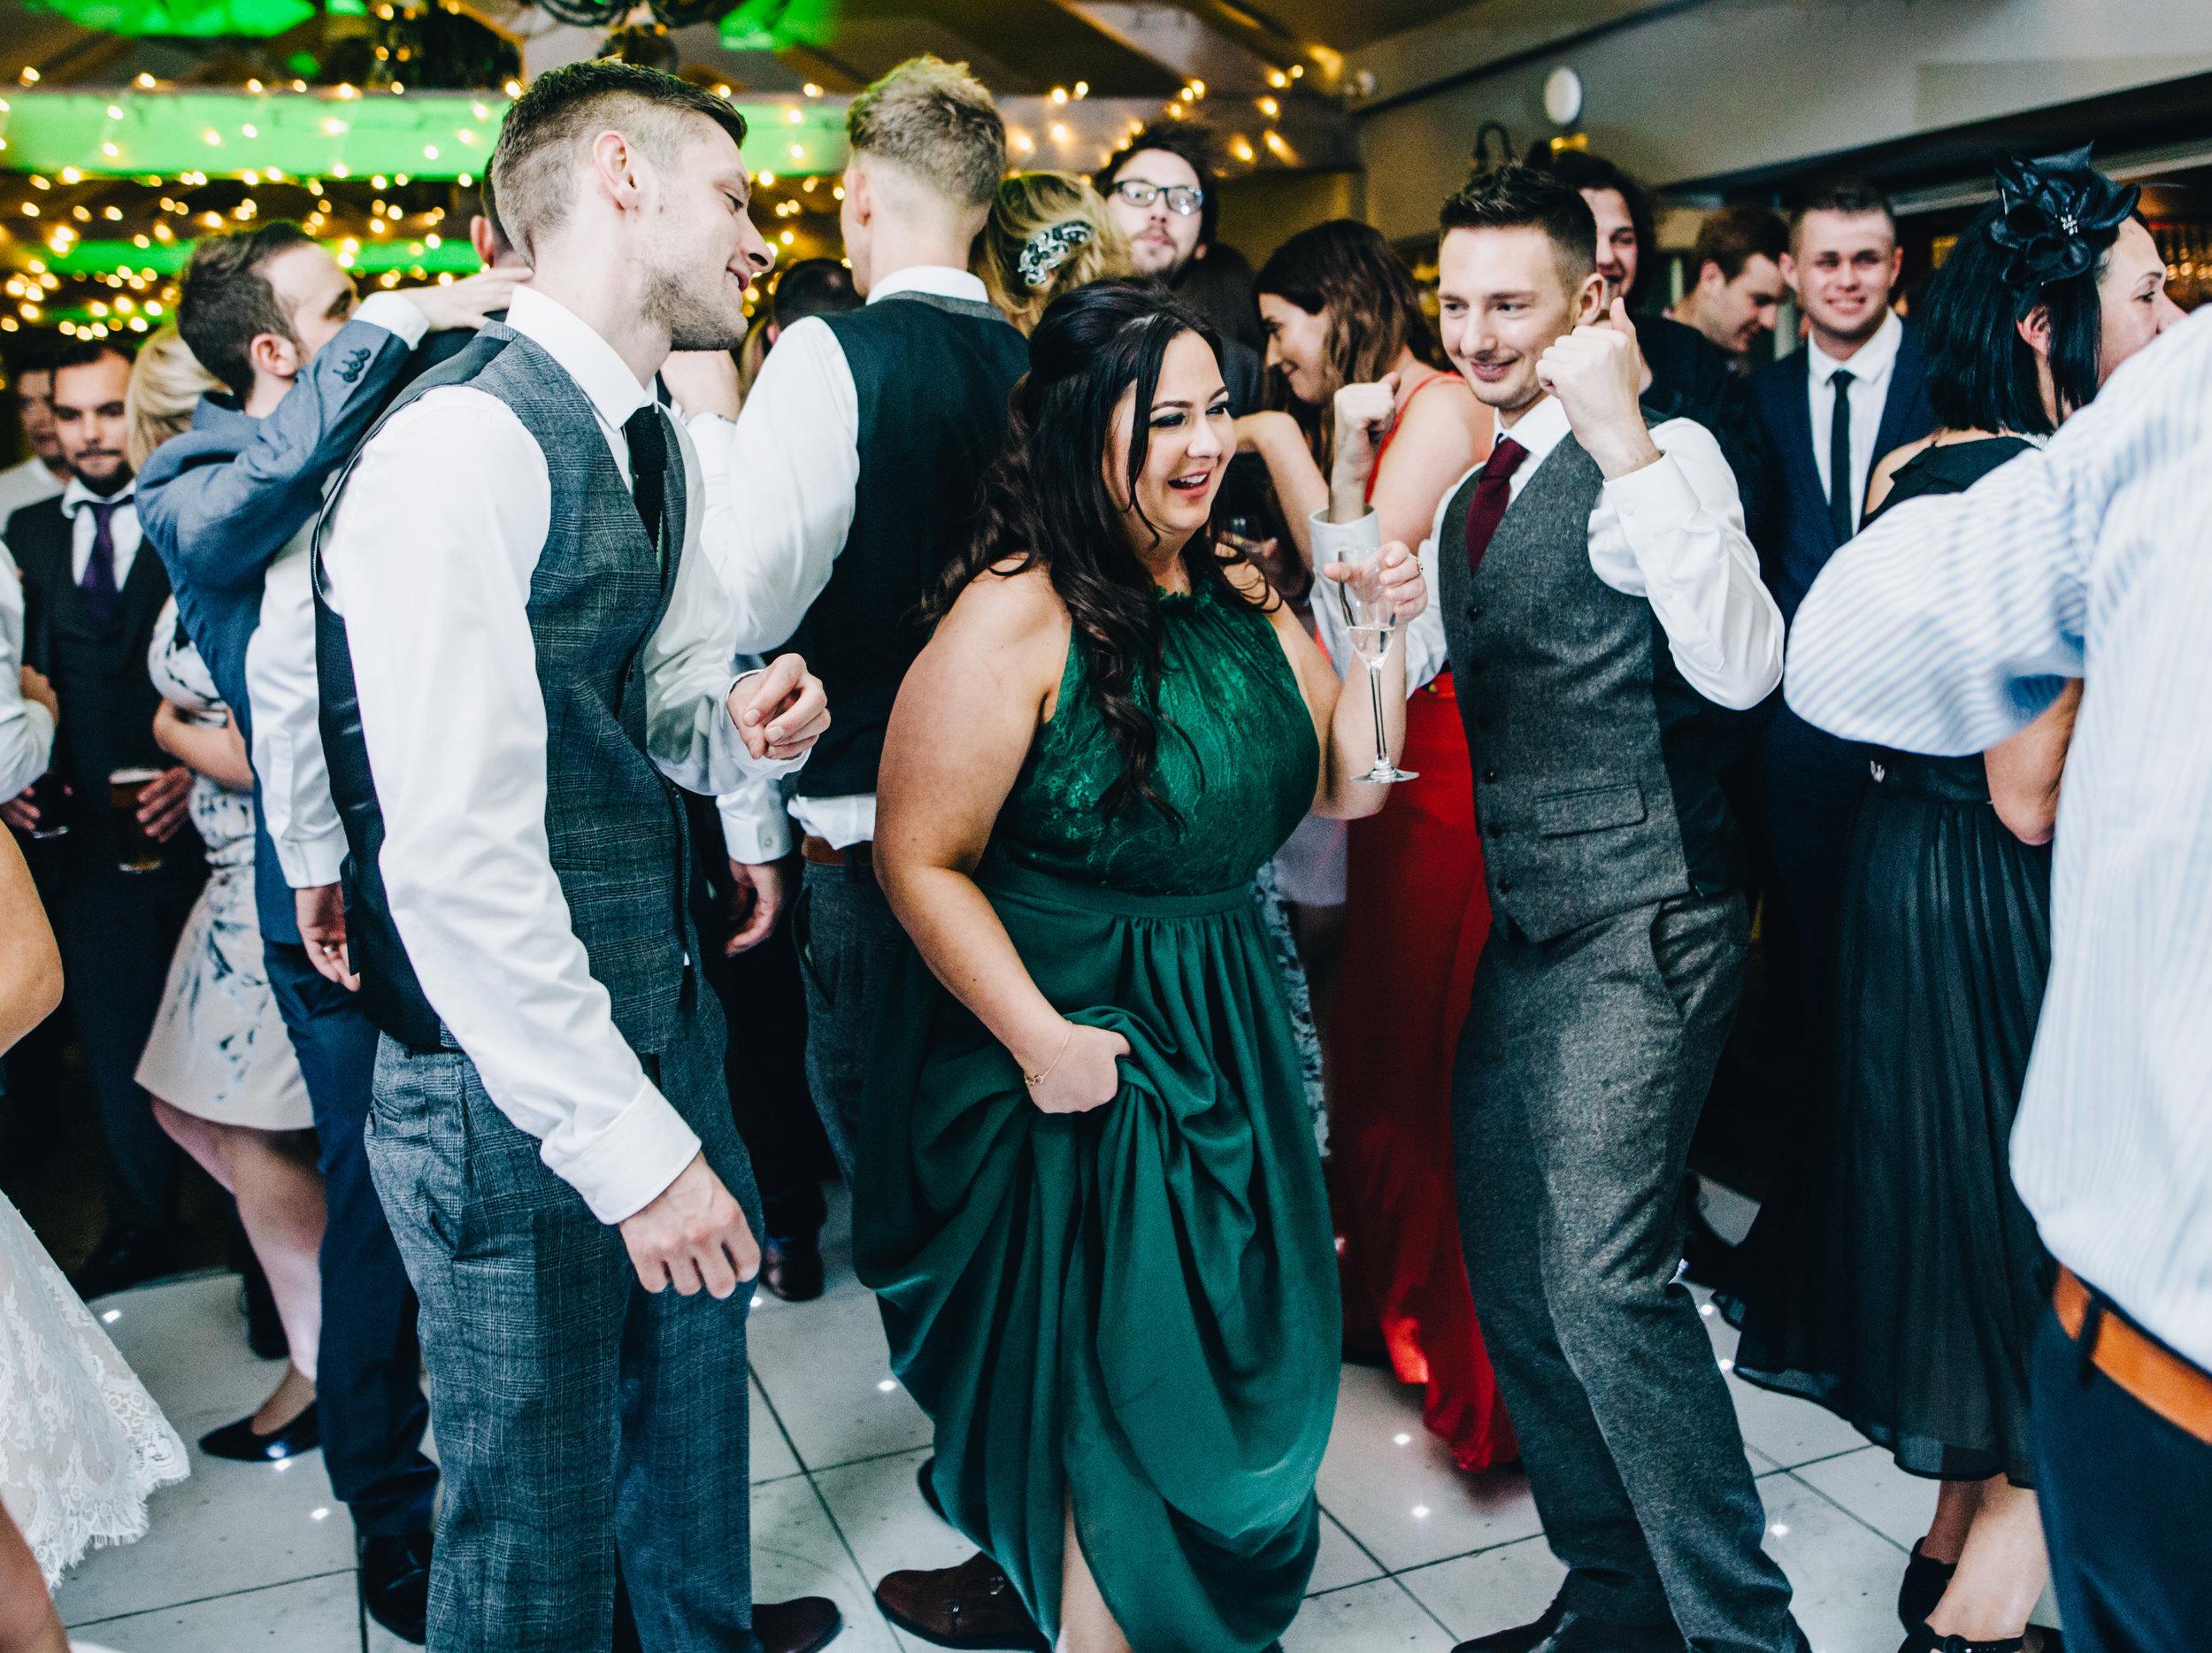 dance floor pictures - Alma Inn Weddnig